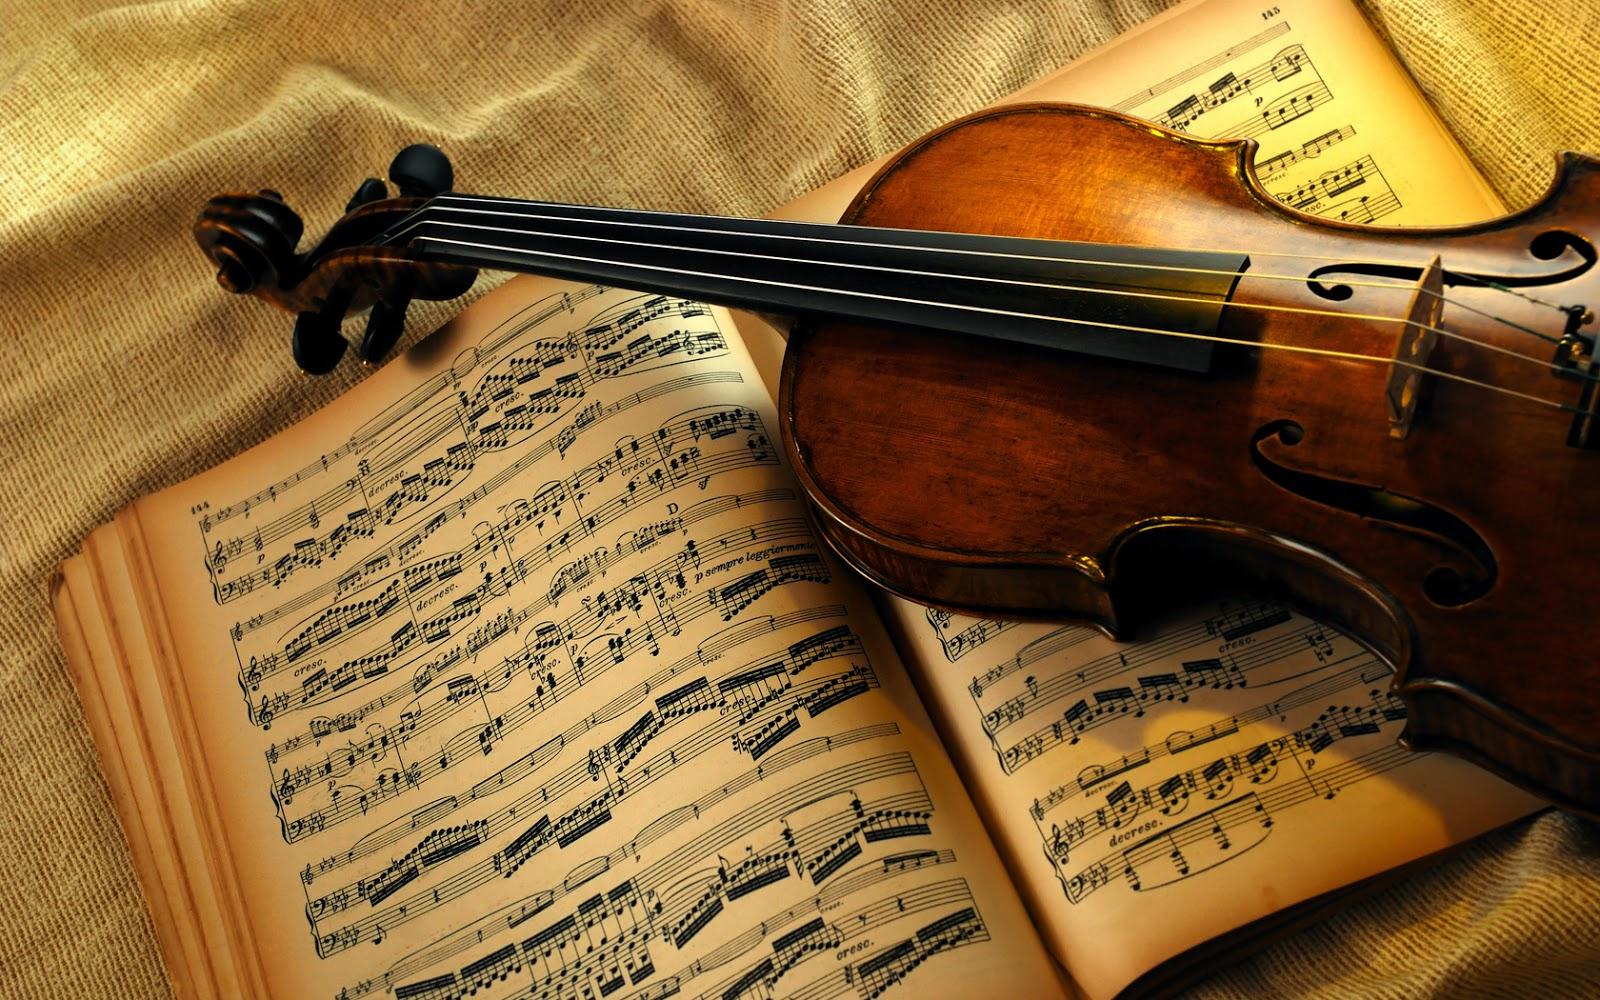 trascrizione partiture musicali